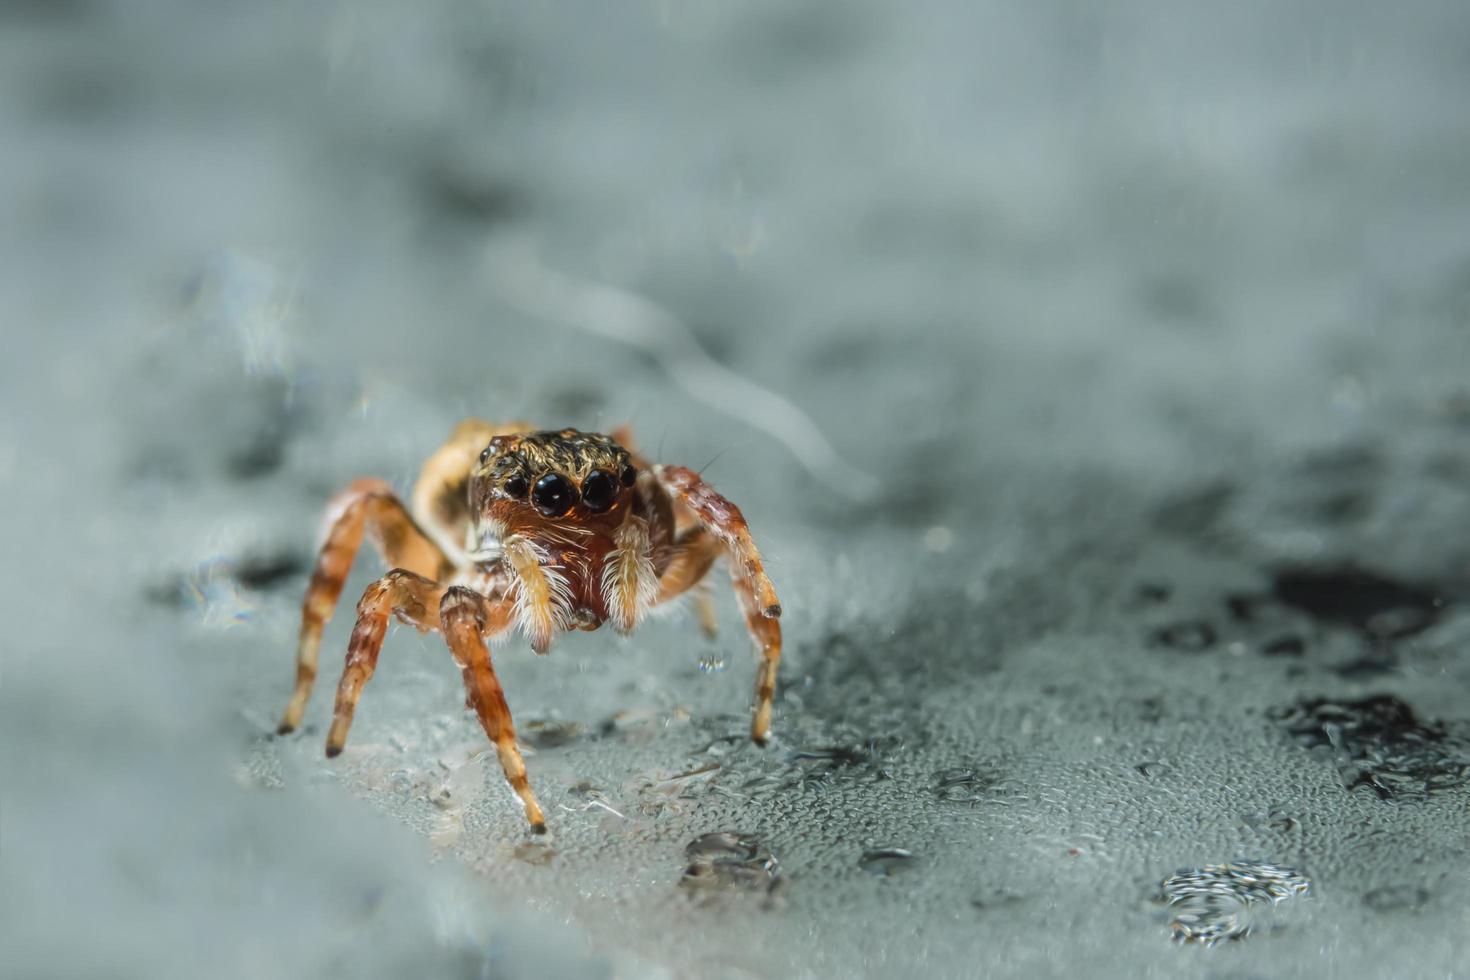 araña en la superficie del vidrio foto